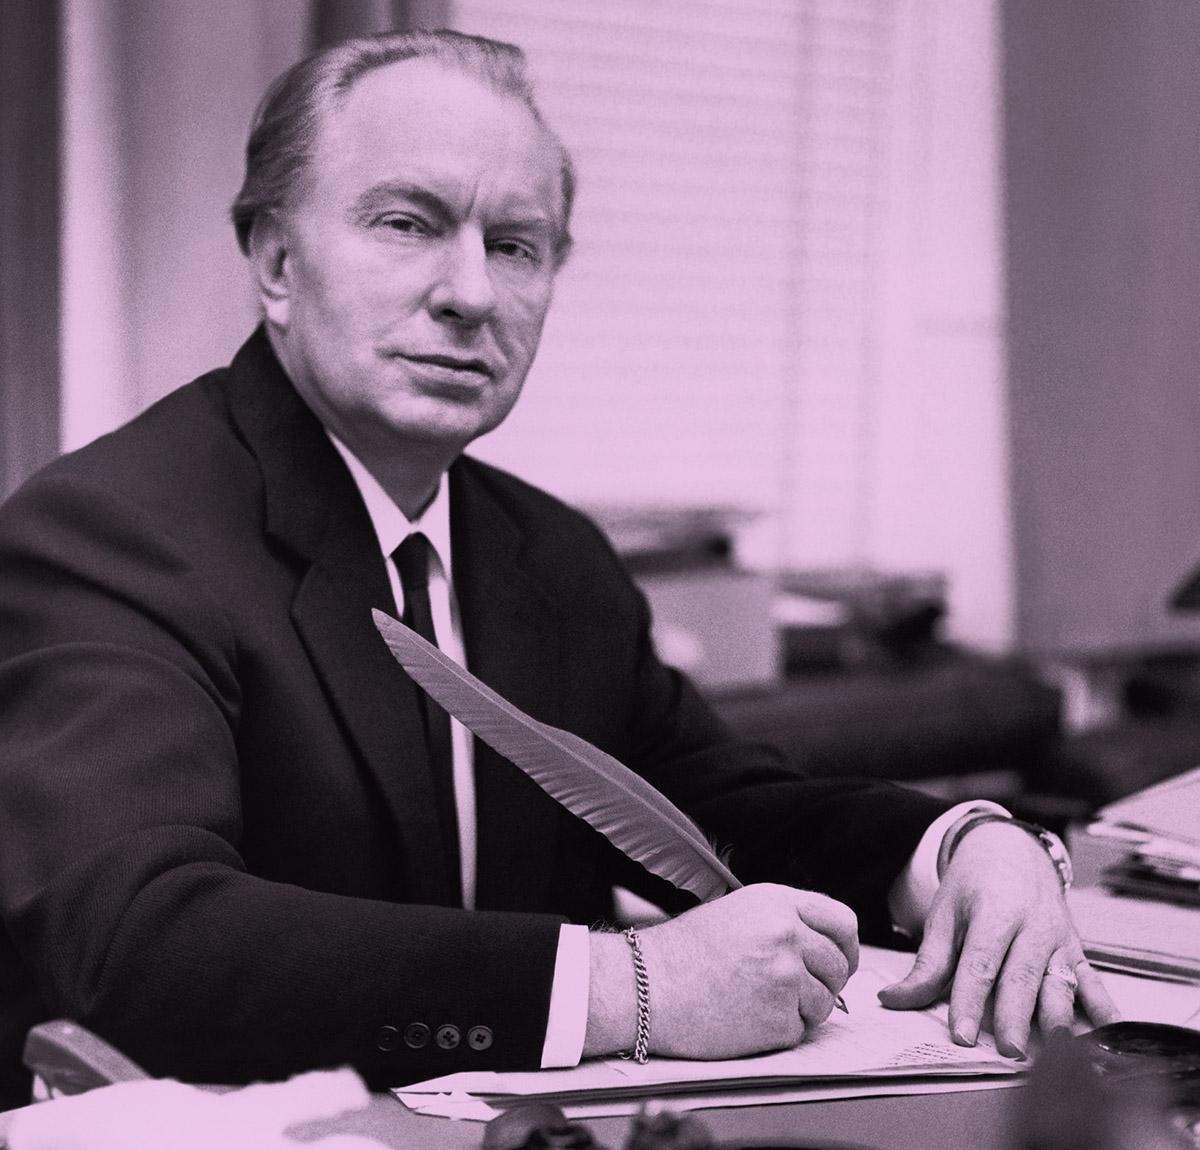 Ron Hubbard Líder De La Cienciología Decía Que Escribir